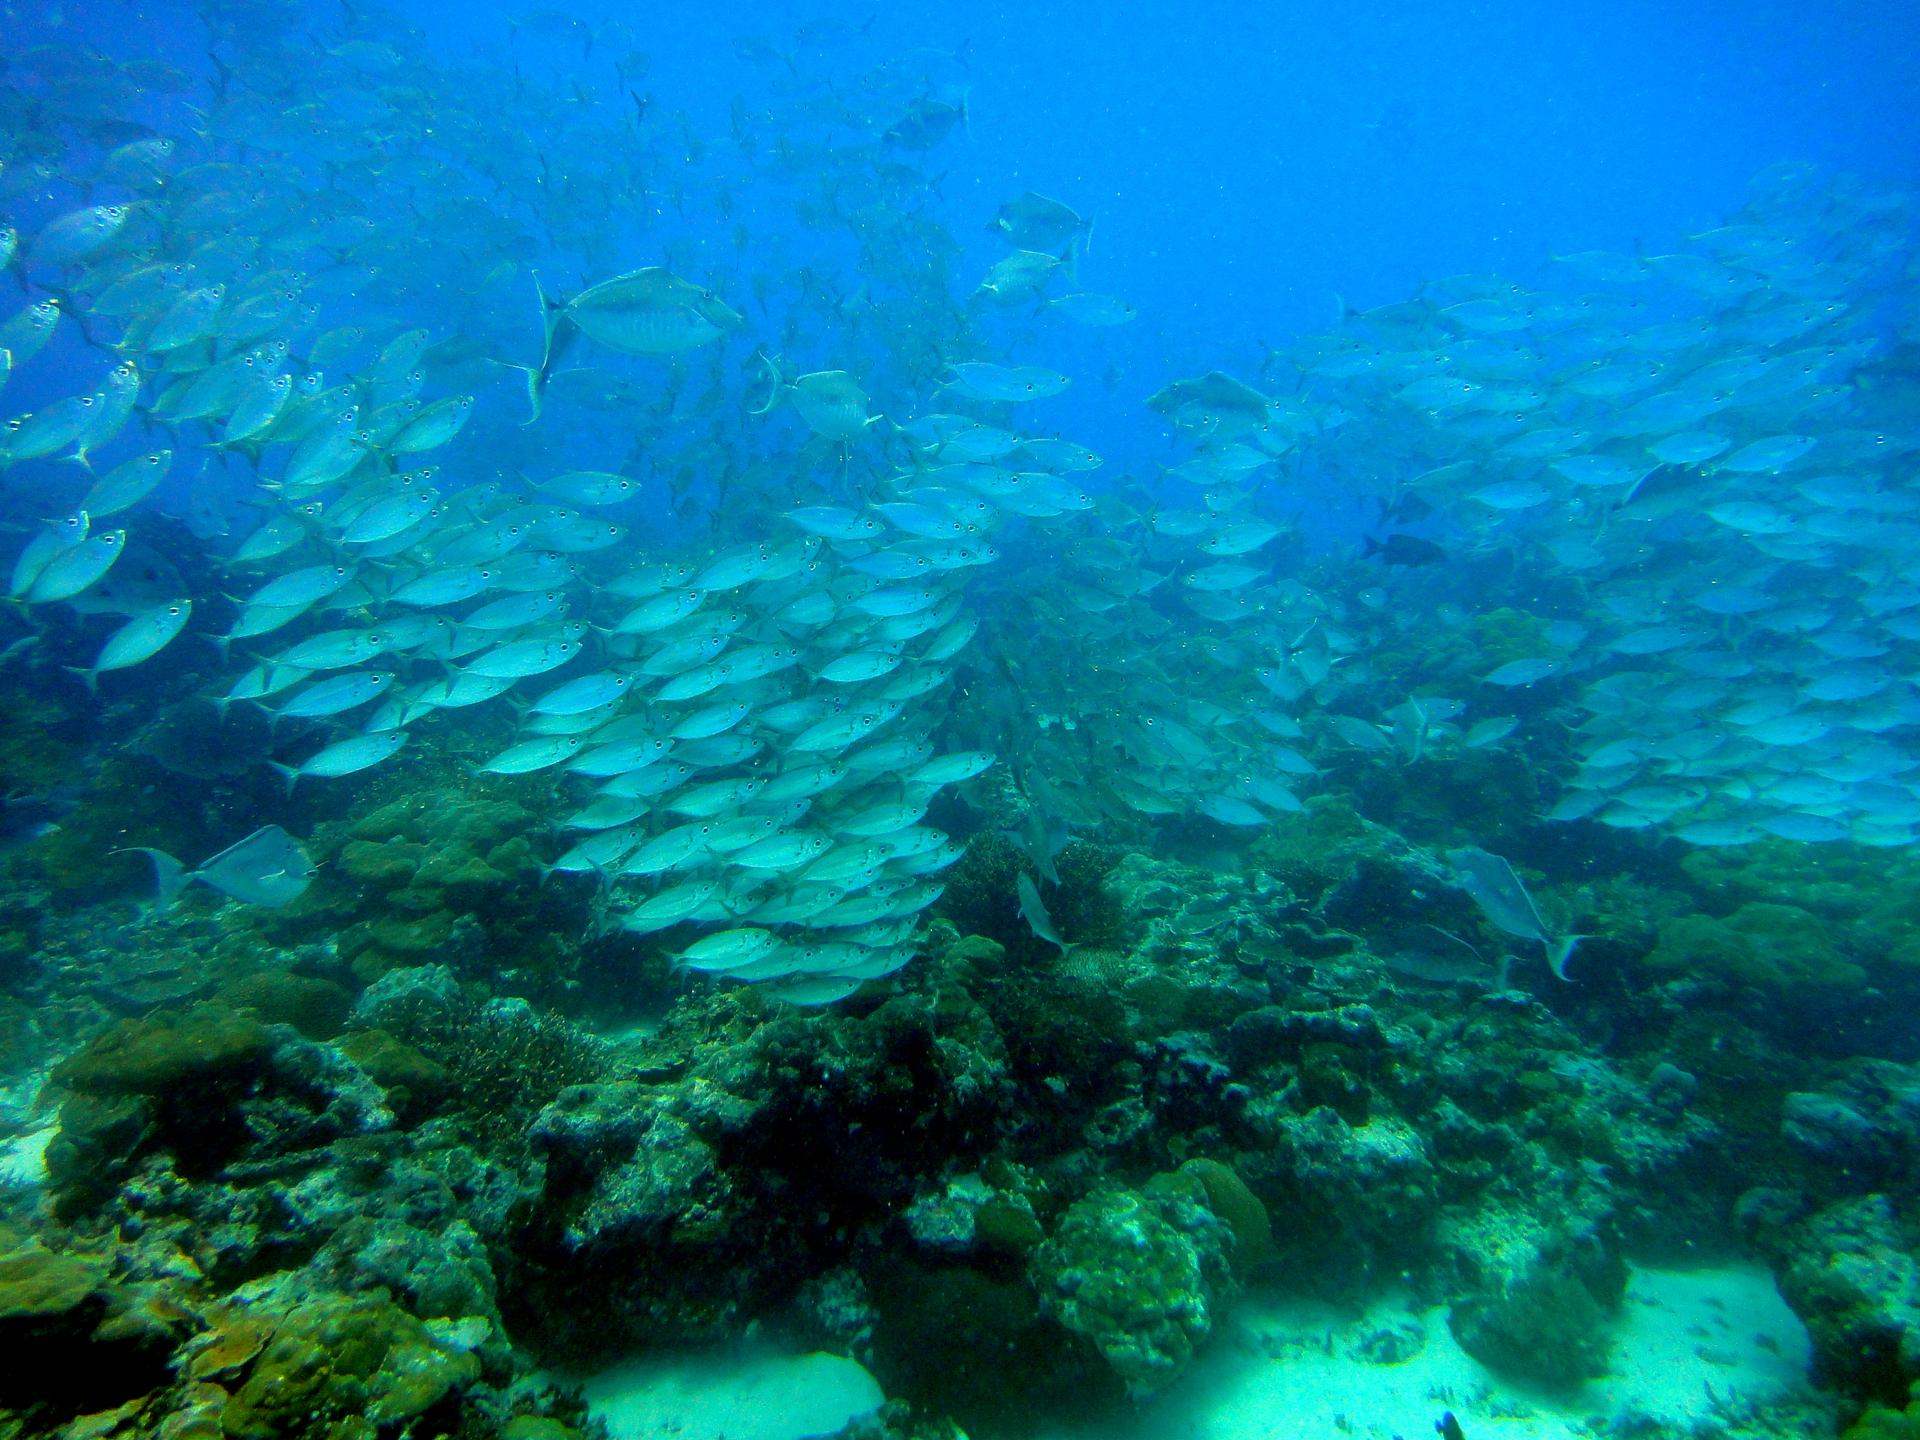 Fotografia przedstawia toń morską idno, porośnięte zielonymi glonami. Nad nimi kilkadziesiąt jasnych ryb, wgrupach, wktórych wszystkie płyną wtę samą stronę. Takie skupisko ryb to ławica, apojedyncze ryby reagują błyskawicznie iwten sam sposób, jakby były jednym organizmem.